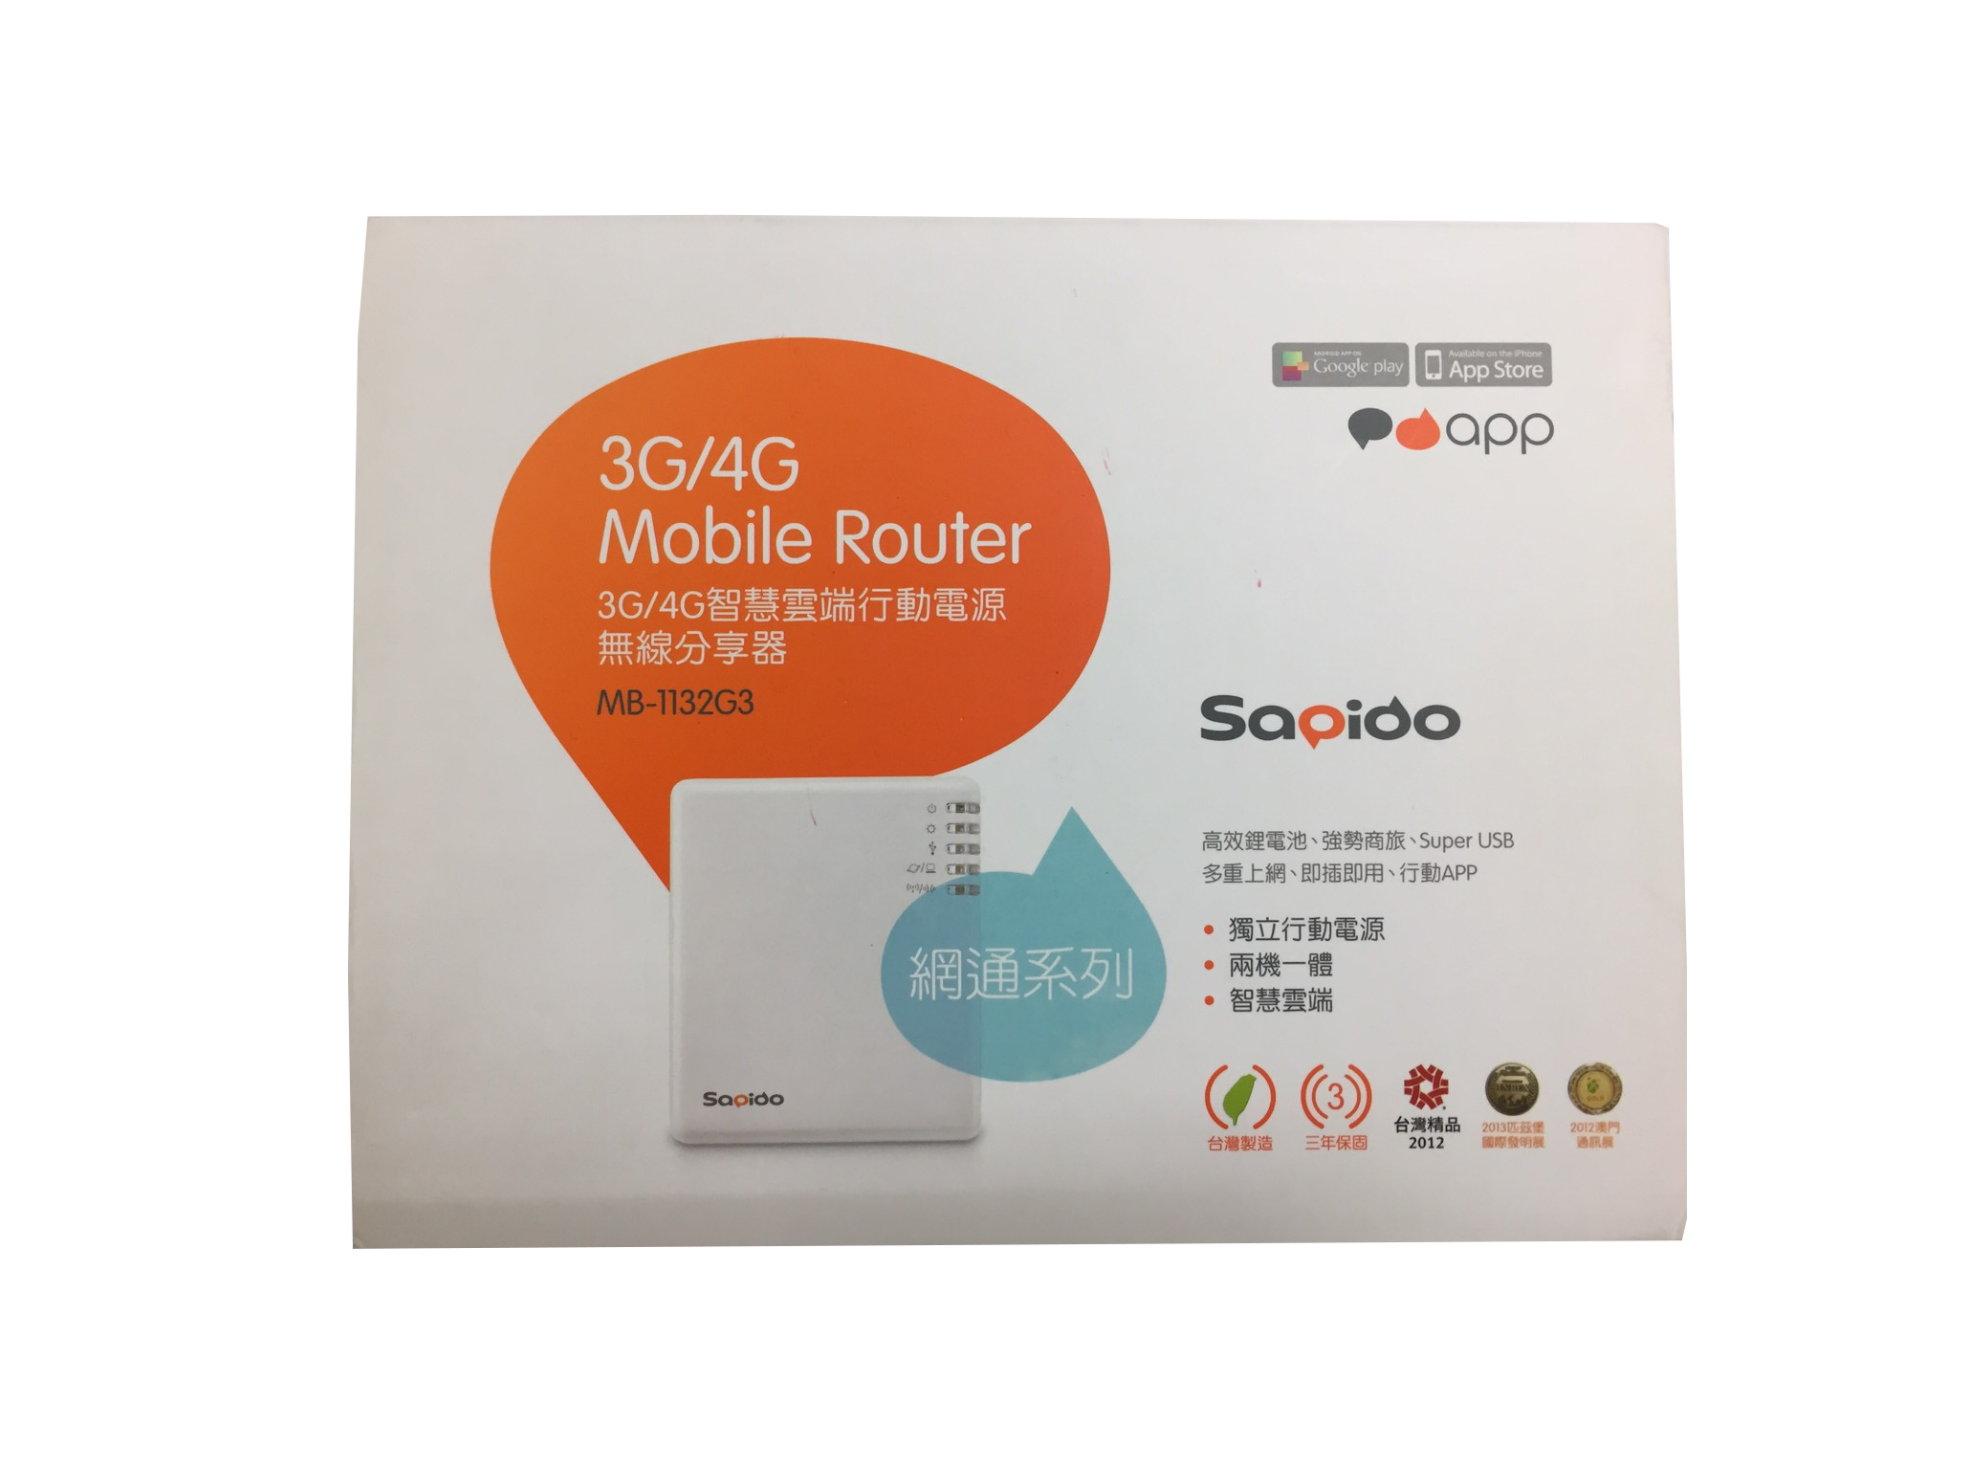 ★綠G能★福利品★SAPIDO MB-1132G3 3G/4G智慧雲端行動電源無線分享器